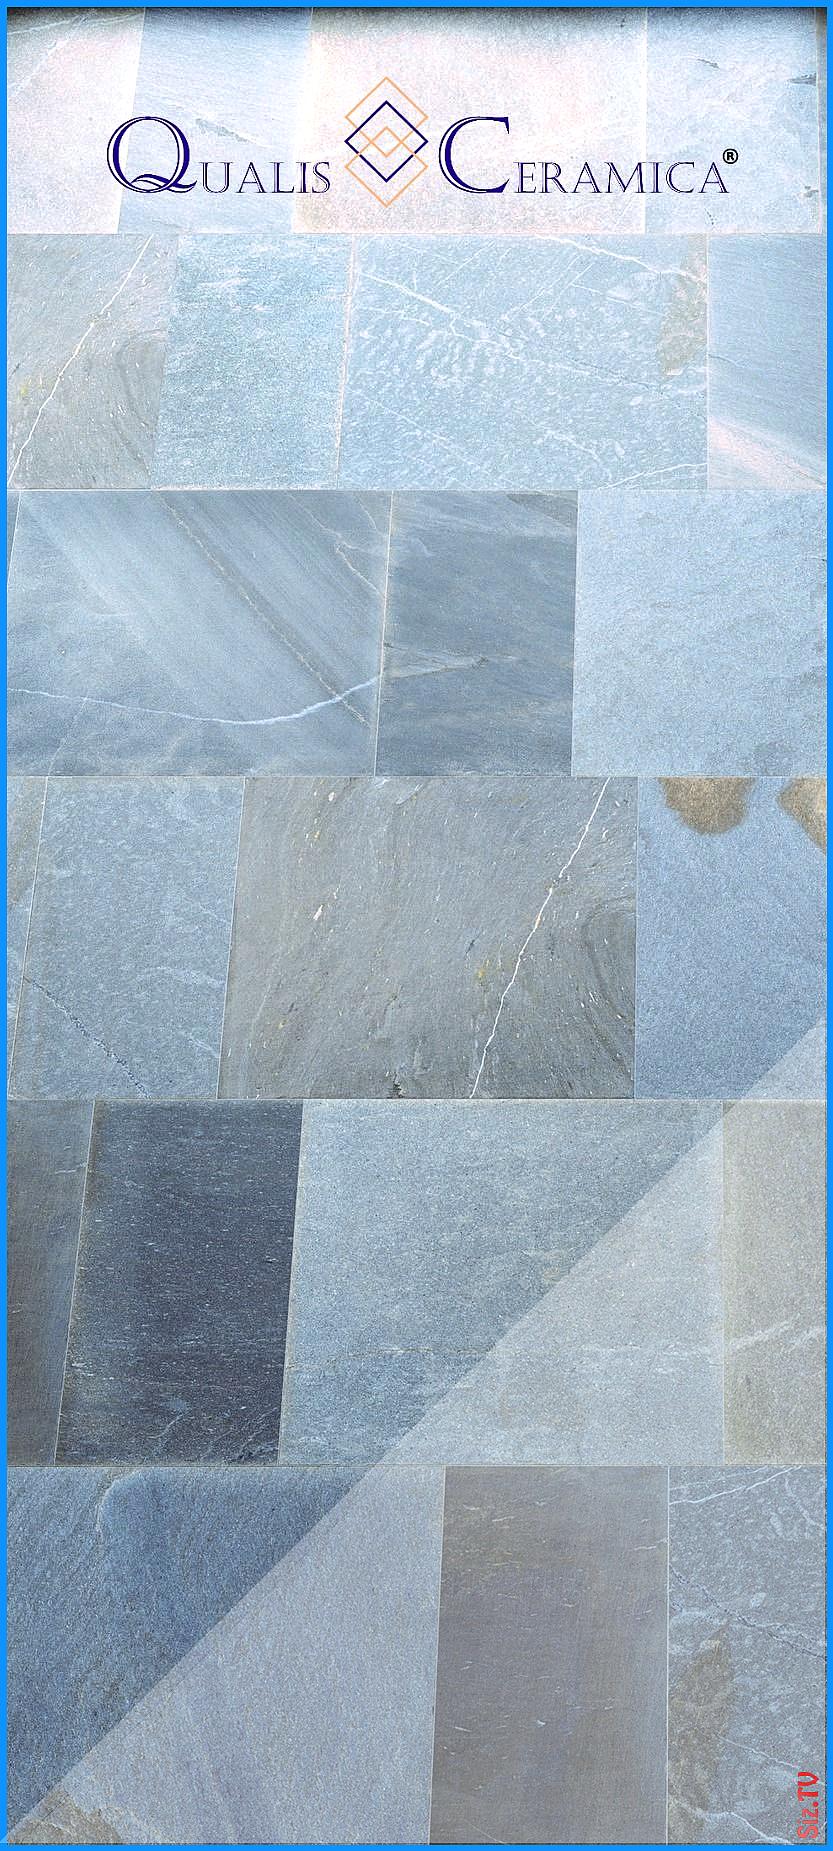 Floor Tile Design Ideas Qualis Ceramica Palace Elysee Denim 12 215 24 038 24 215 24 Floor Tile Design Ideas Qualis Cer Floor Tile Design Tile Floor Tile Design